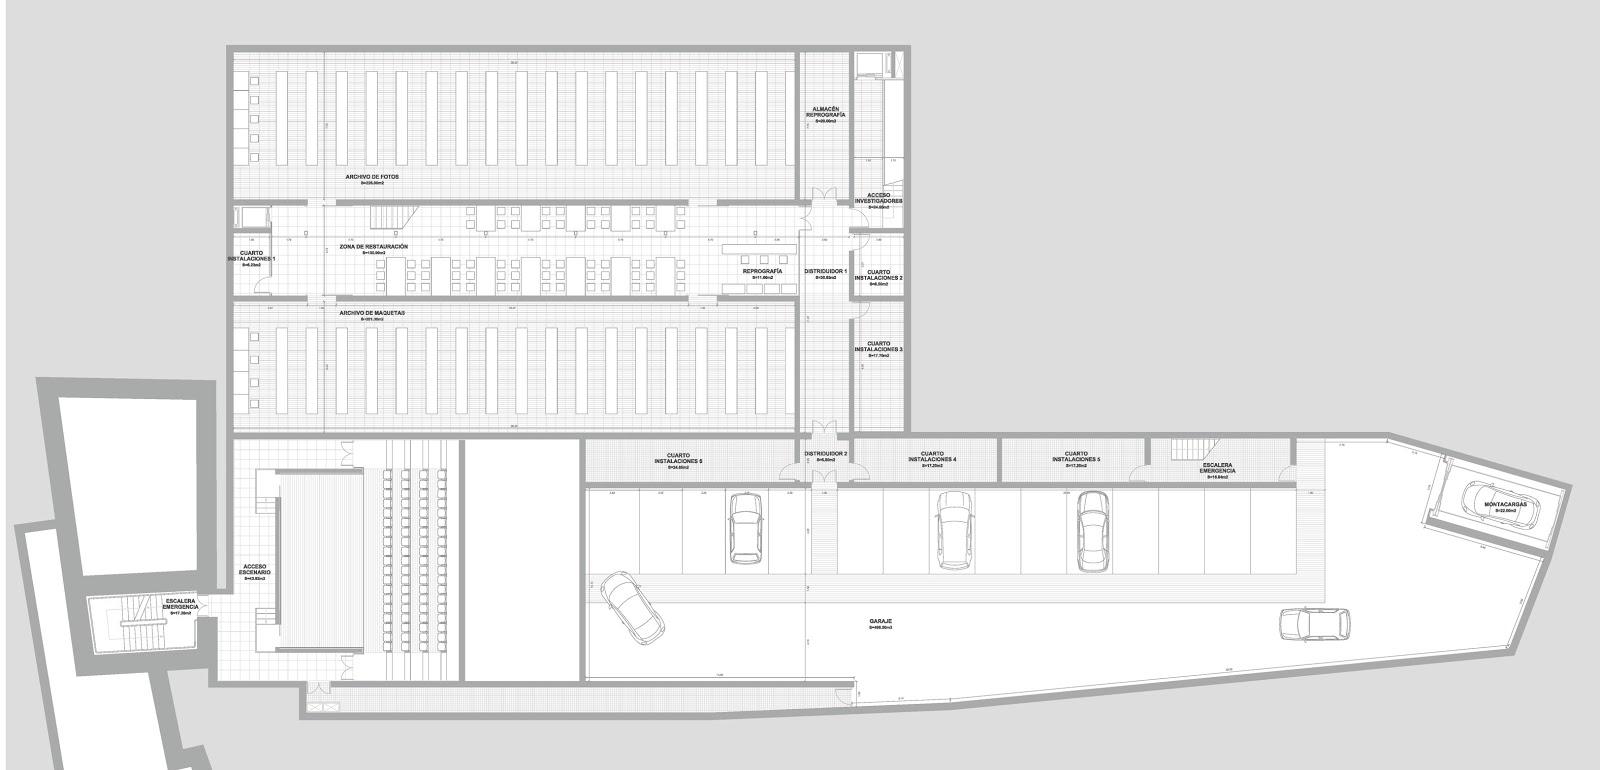 Jgg arquitecto pfc centro de arquitectura moderna en - Arquitectos en salamanca ...